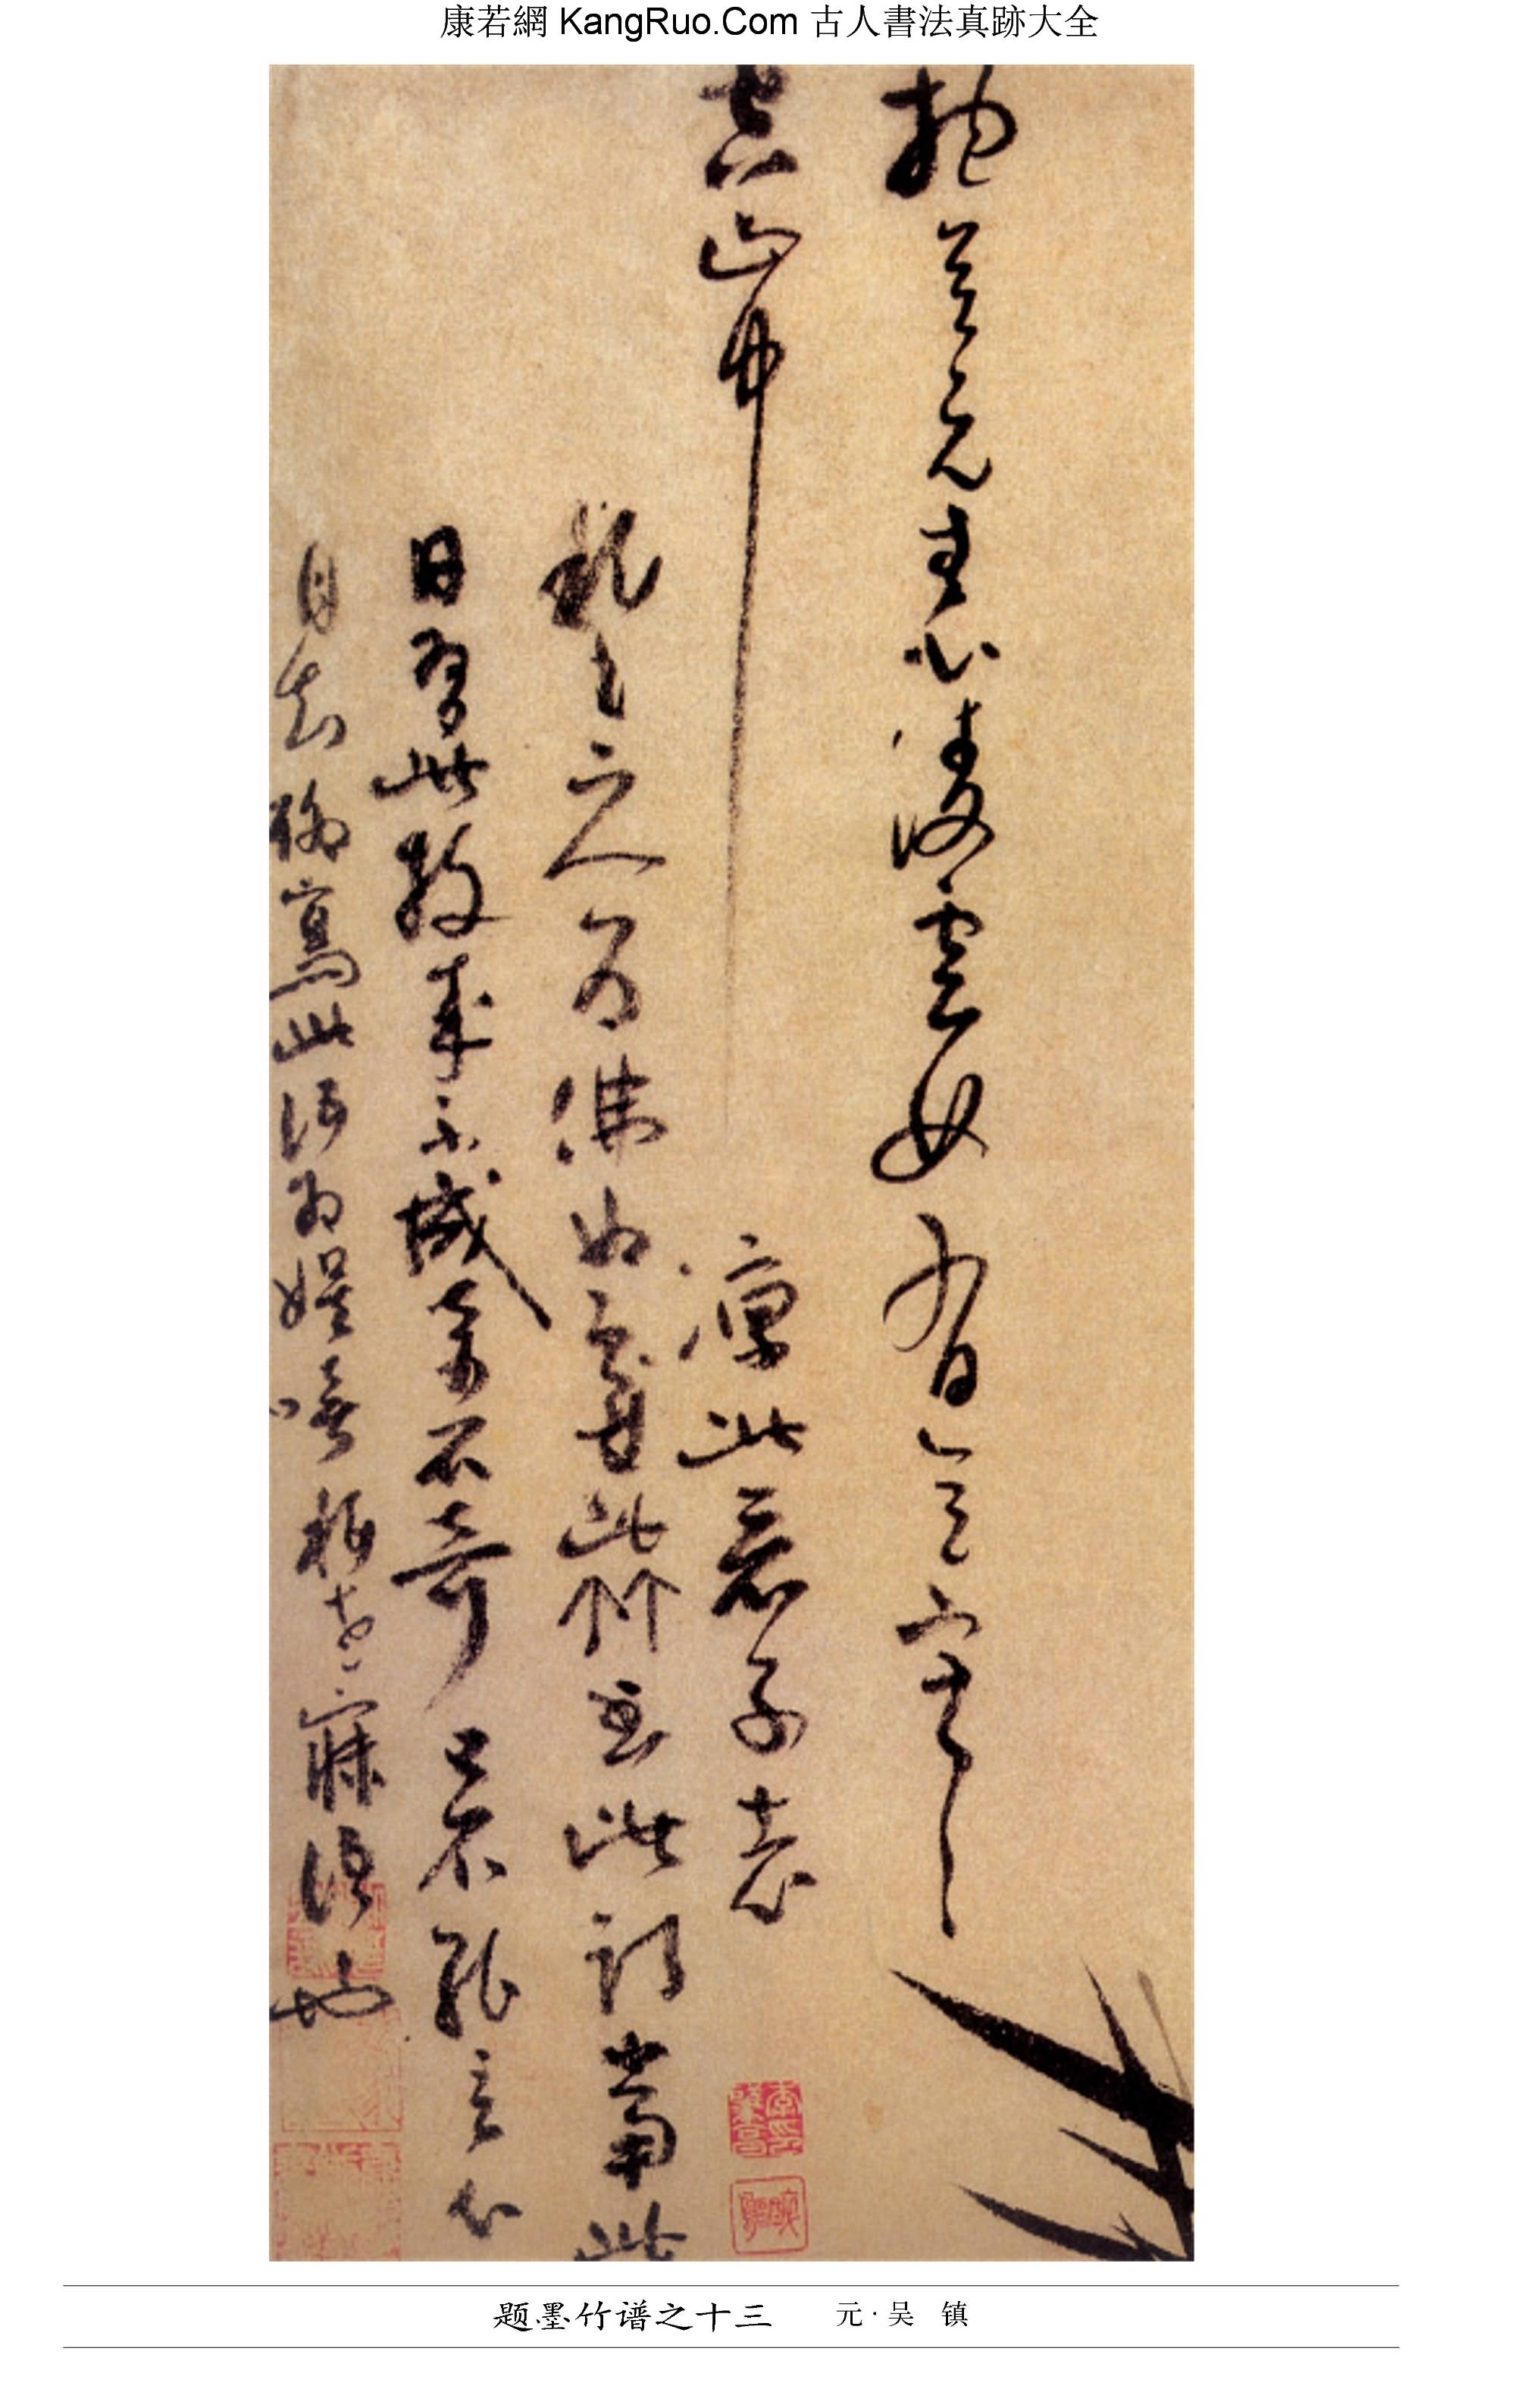 《題墨竹譜之十三》書法真跡(草書)【元朝·吳鎮】_00154